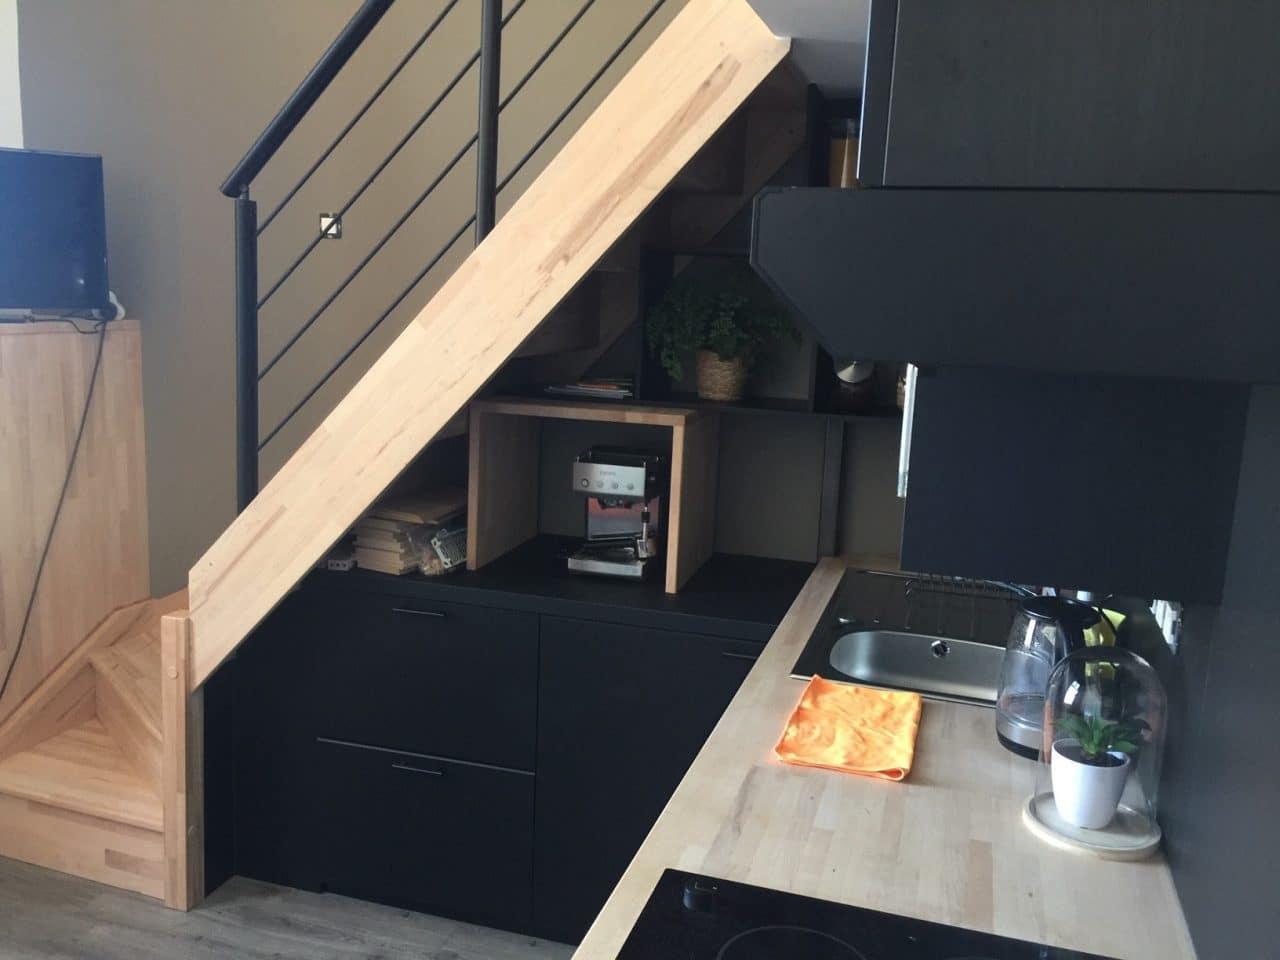 rénovation studio cuisine ouverte évier rangement escalier bois Le Croisic